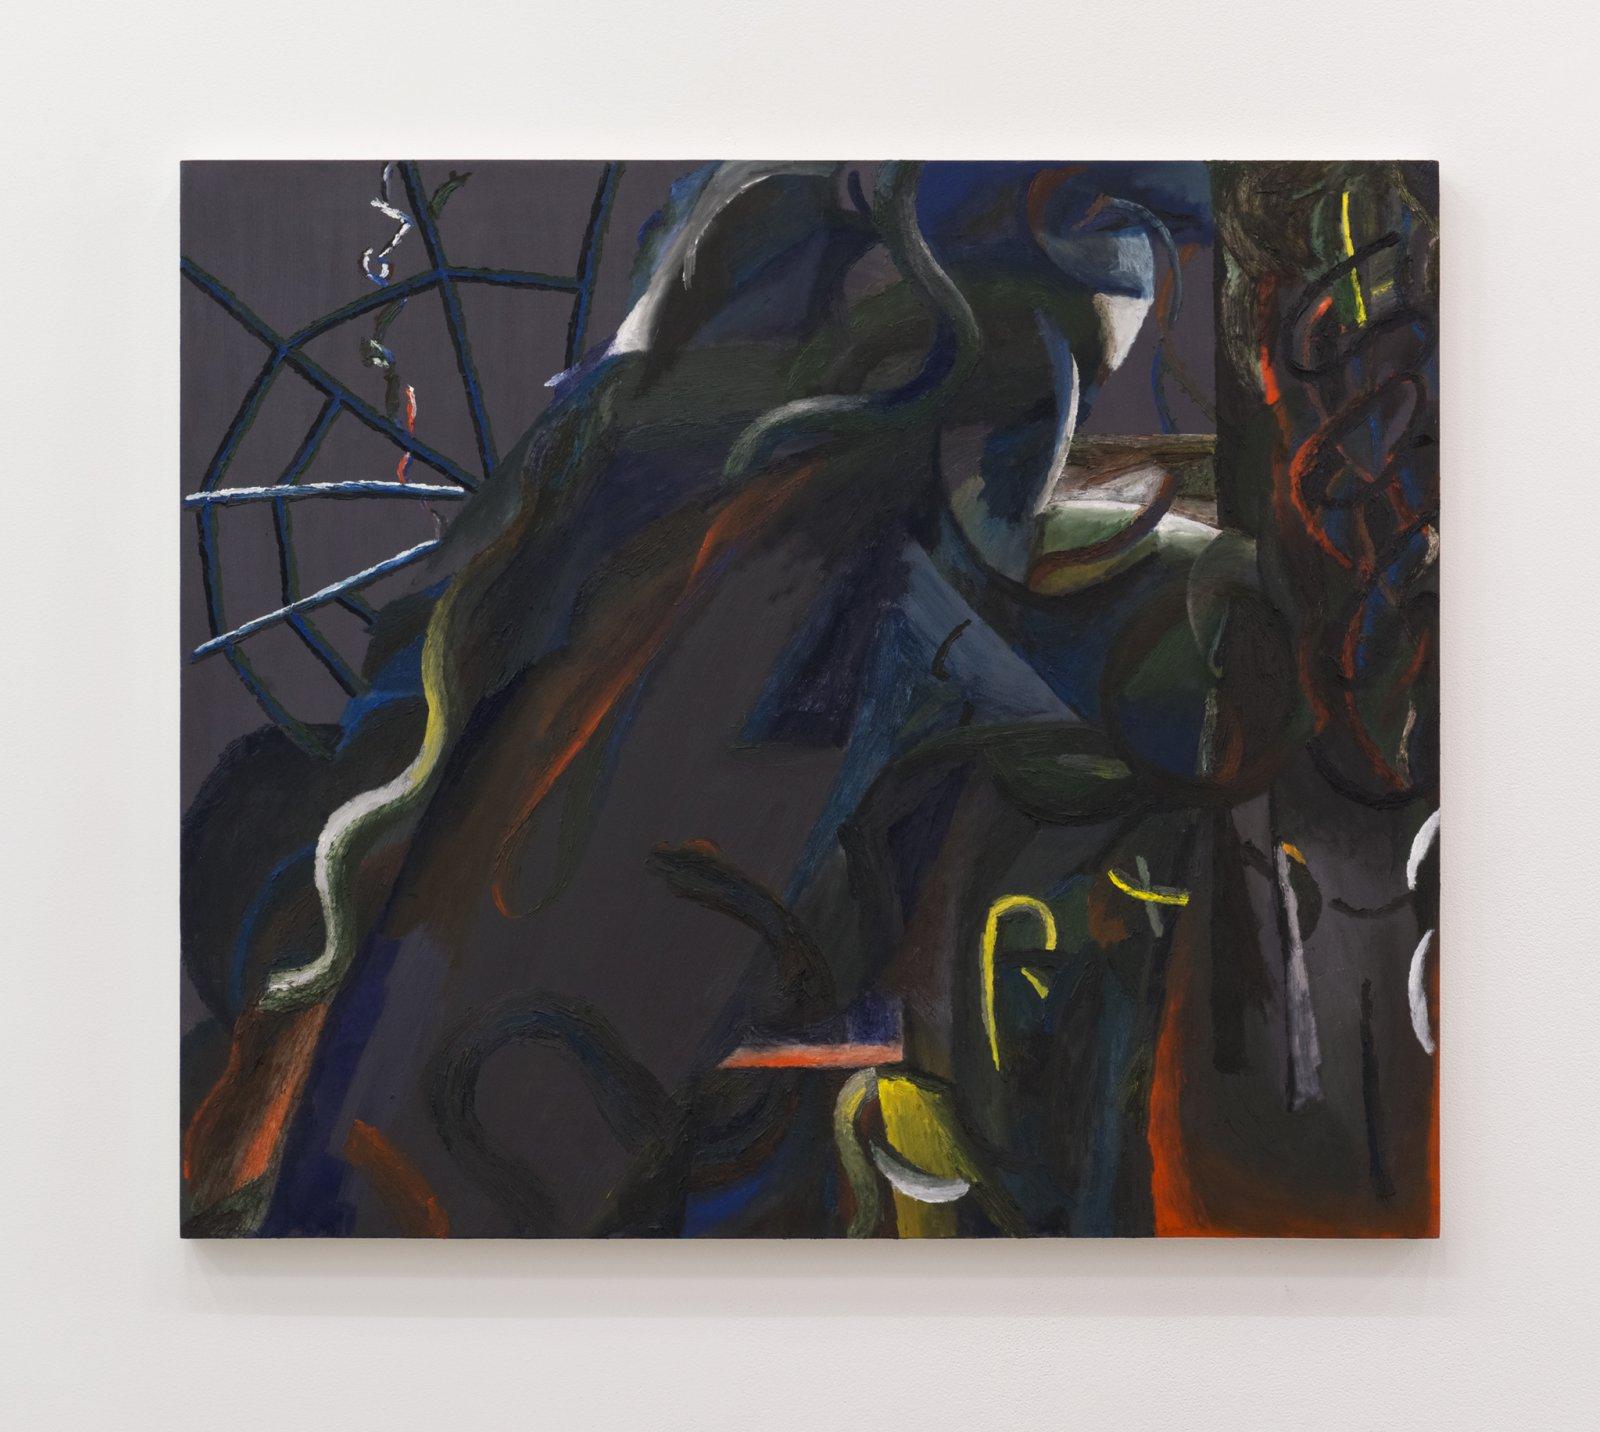 Rebecca Brewer,La Bafana, 2015–2016, oil on muslin on panel, 36 x 42 in. (92 x 107 cm)